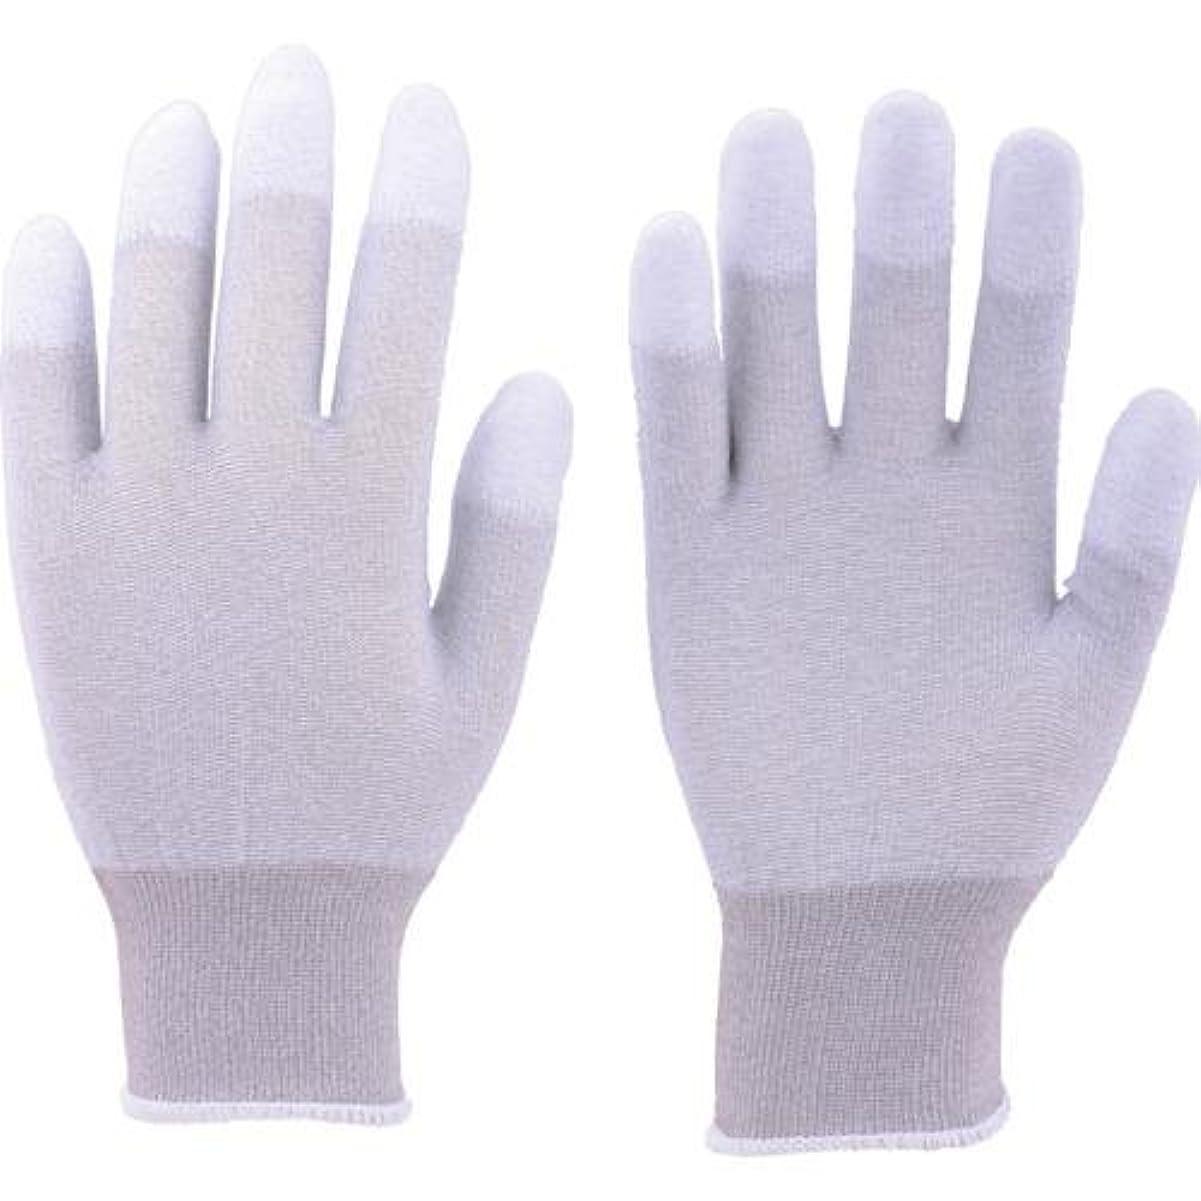 雨密輸親愛なTRUSCO(トラスコ) 静電気対策用手袋(指先ウレタンコート) M